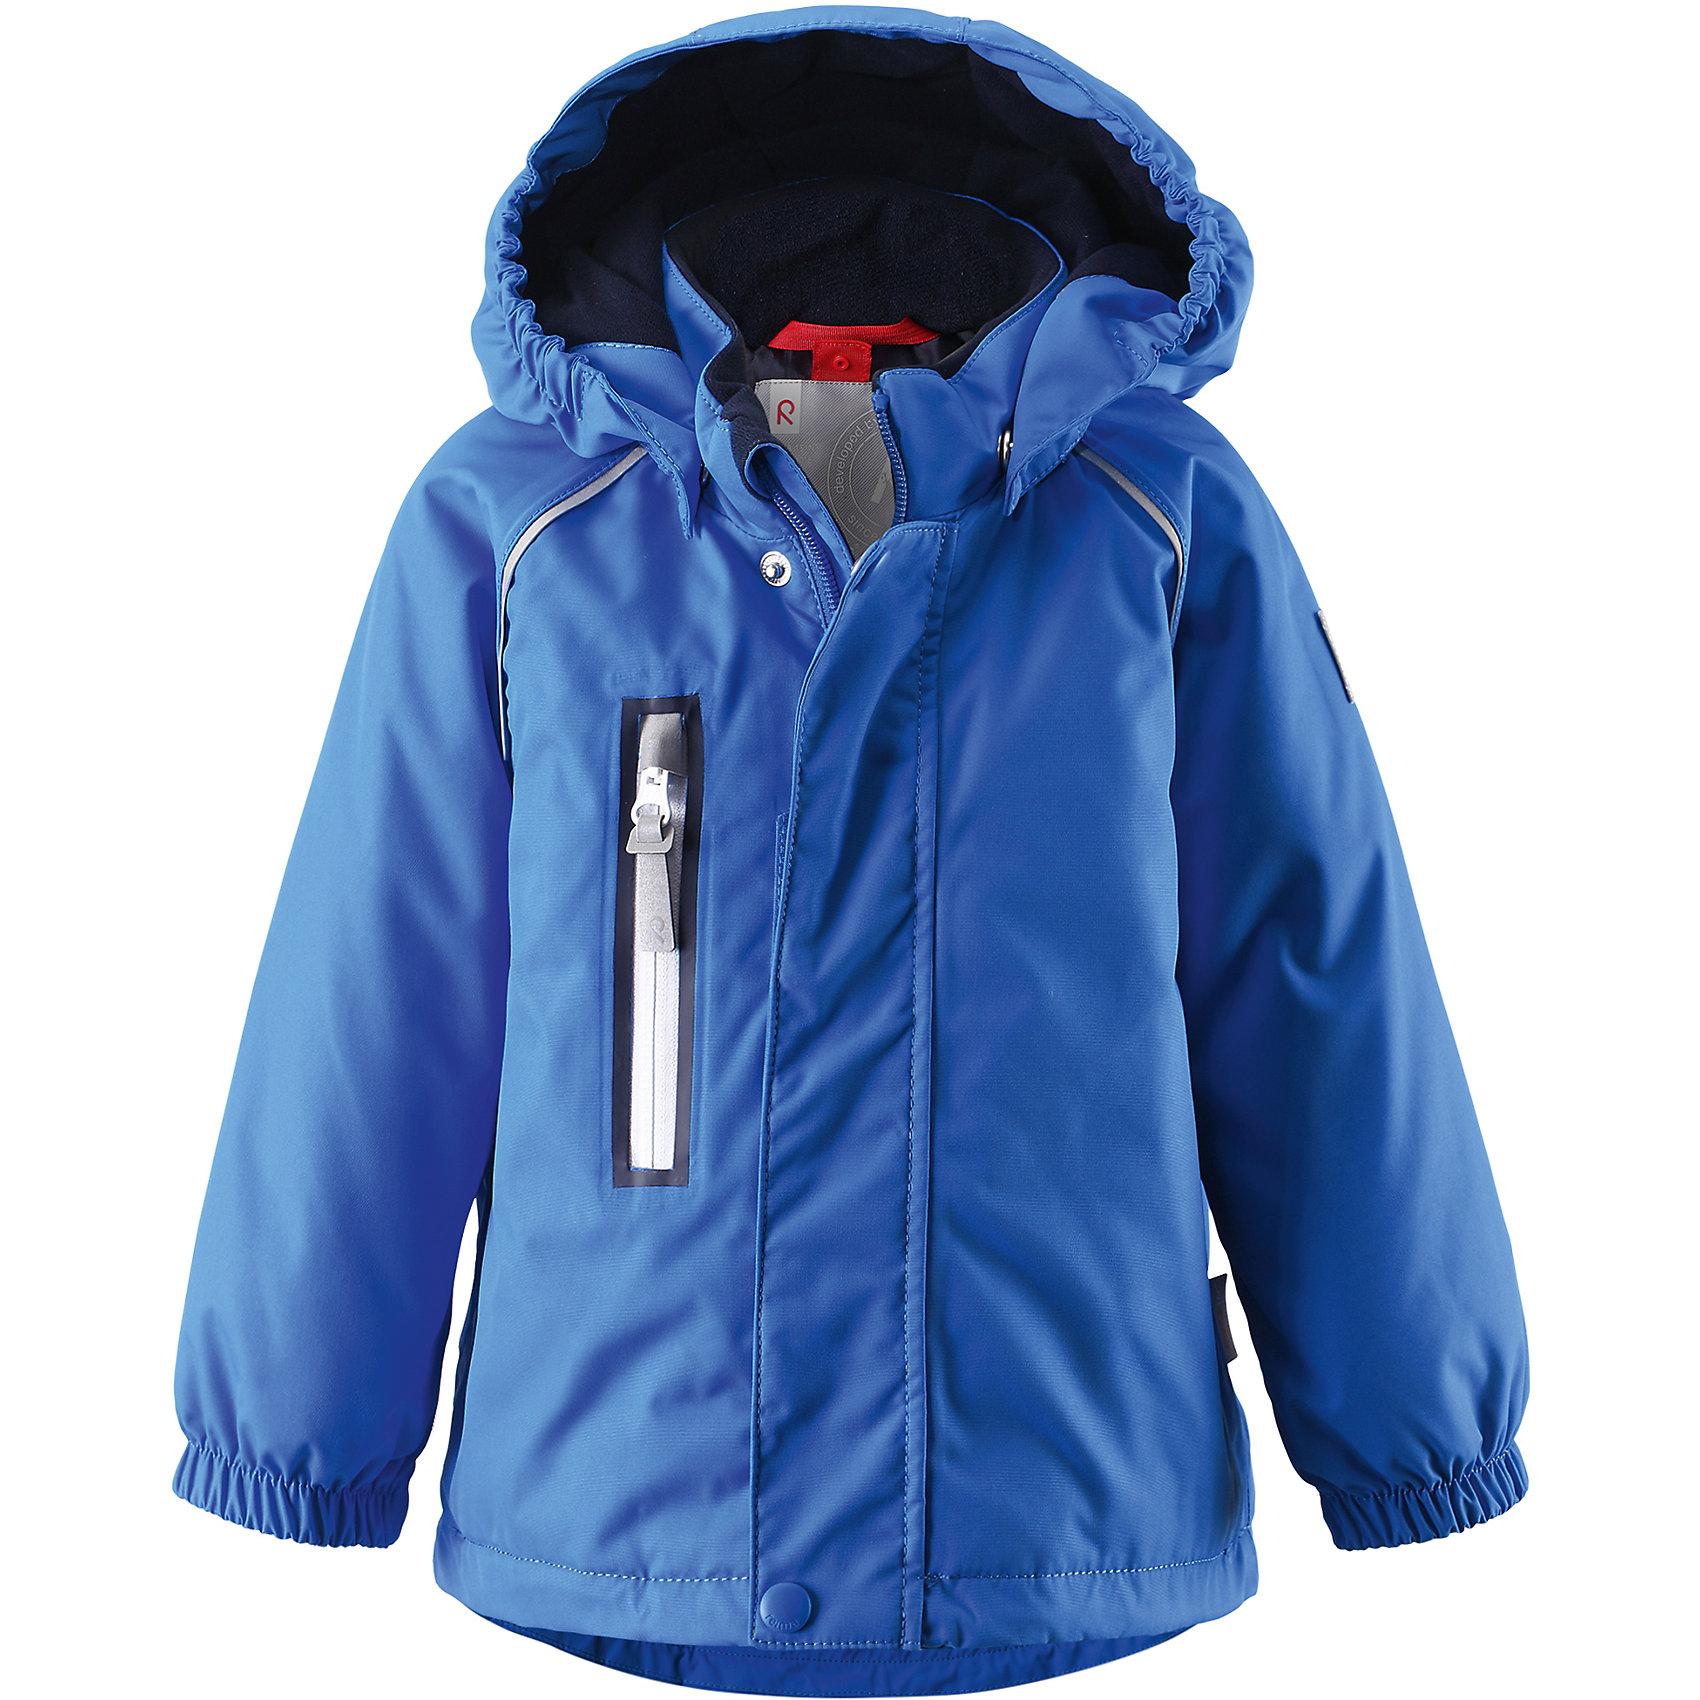 Куртка Pesue для девочки Reimatec® ReimaВерхняя одежда<br>Характеристики товара:<br><br>• цвет: синий<br>• состав: 100% полиэстер, полиуретановое покрытие<br>• температурный режим: 0° до -20° градусов<br>• утеплитель: Reima Comfort + 160 г<br>• водонепроницаемая мембрана: от 15000 мм<br>• основные швы проклеены<br>• съёмный капюшон<br>• молния<br>• светоотражающие детали<br>• «дышащий» материал<br>• ветро- водо- и грязеотталкивающий материал<br>• кнопки Reima® Play Layers <br>• карманы<br>• комфортная посадка<br>• страна производства: Китай<br>• страна бренда: Финляндия<br><br>Верхняя одежда для детей может быть модной и комфортной одновременно! Эти зимняя куртка поможет обеспечить ребенку комфорт и тепло. Она отлично смотрится с различной одеждой и обувью. Изделие удобно сидит и модно выглядит. Стильный дизайн разрабатывался специально для детей. Отличный вариант для активного отдыха зимой!<br><br>Одежда и обувь от финского бренда Reima пользуется популярностью во многих странах. Эти изделия стильные, качественные и удобные. Для производства продукции используются только безопасные, проверенные материалы и фурнитура. Порадуйте ребенка модными и красивыми вещами от Reima! <br><br>Куртку Pesue для девочки от финского бренда Reimatec® Reima (Рейма) можно купить в нашем интернет-магазине.<br><br>Ширина мм: 356<br>Глубина мм: 10<br>Высота мм: 245<br>Вес г: 519<br>Цвет: синий<br>Возраст от месяцев: 24<br>Возраст до месяцев: 36<br>Пол: Унисекс<br>Возраст: Детский<br>Размер: 98,92,86,80<br>SKU: 5415435